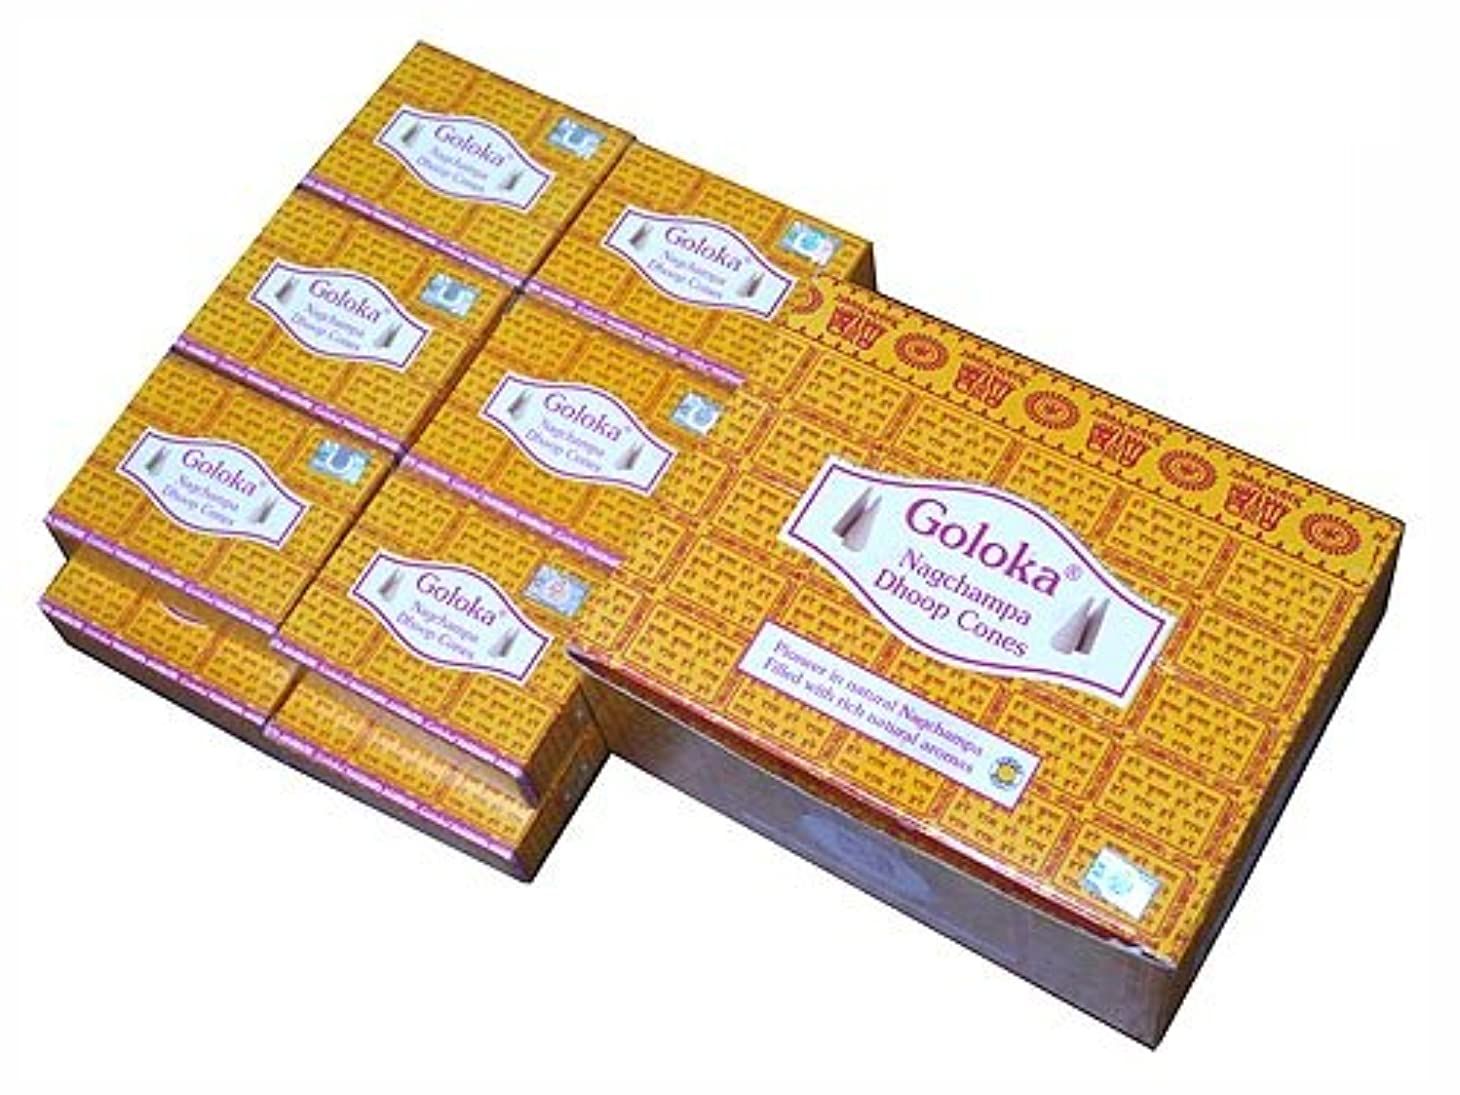 GOLOKA(ゴロカ) ゴロカ ナグチャンパ香 コーンタイプ NAG CHAMPA CORN 12箱セット